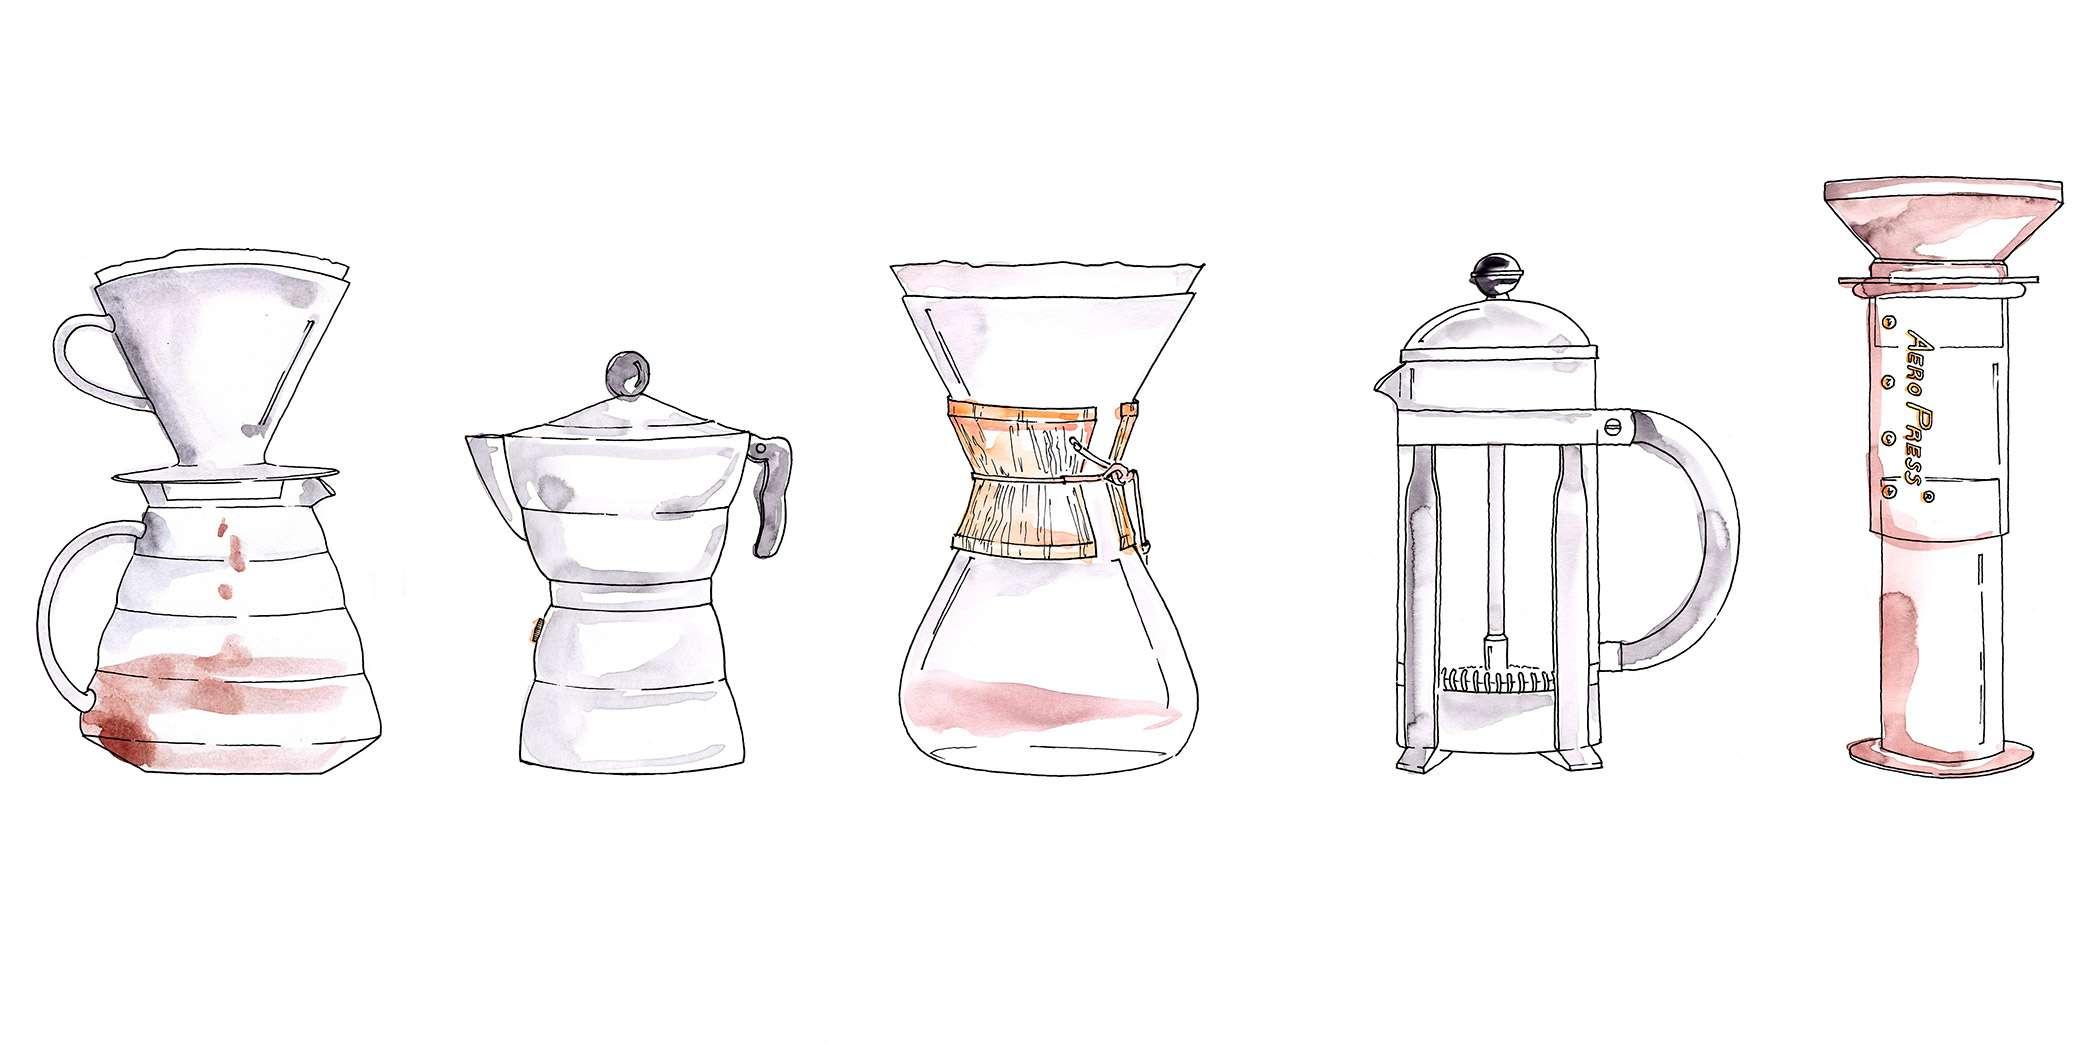 Nadja König Illustration Dallmayr München Kaffee